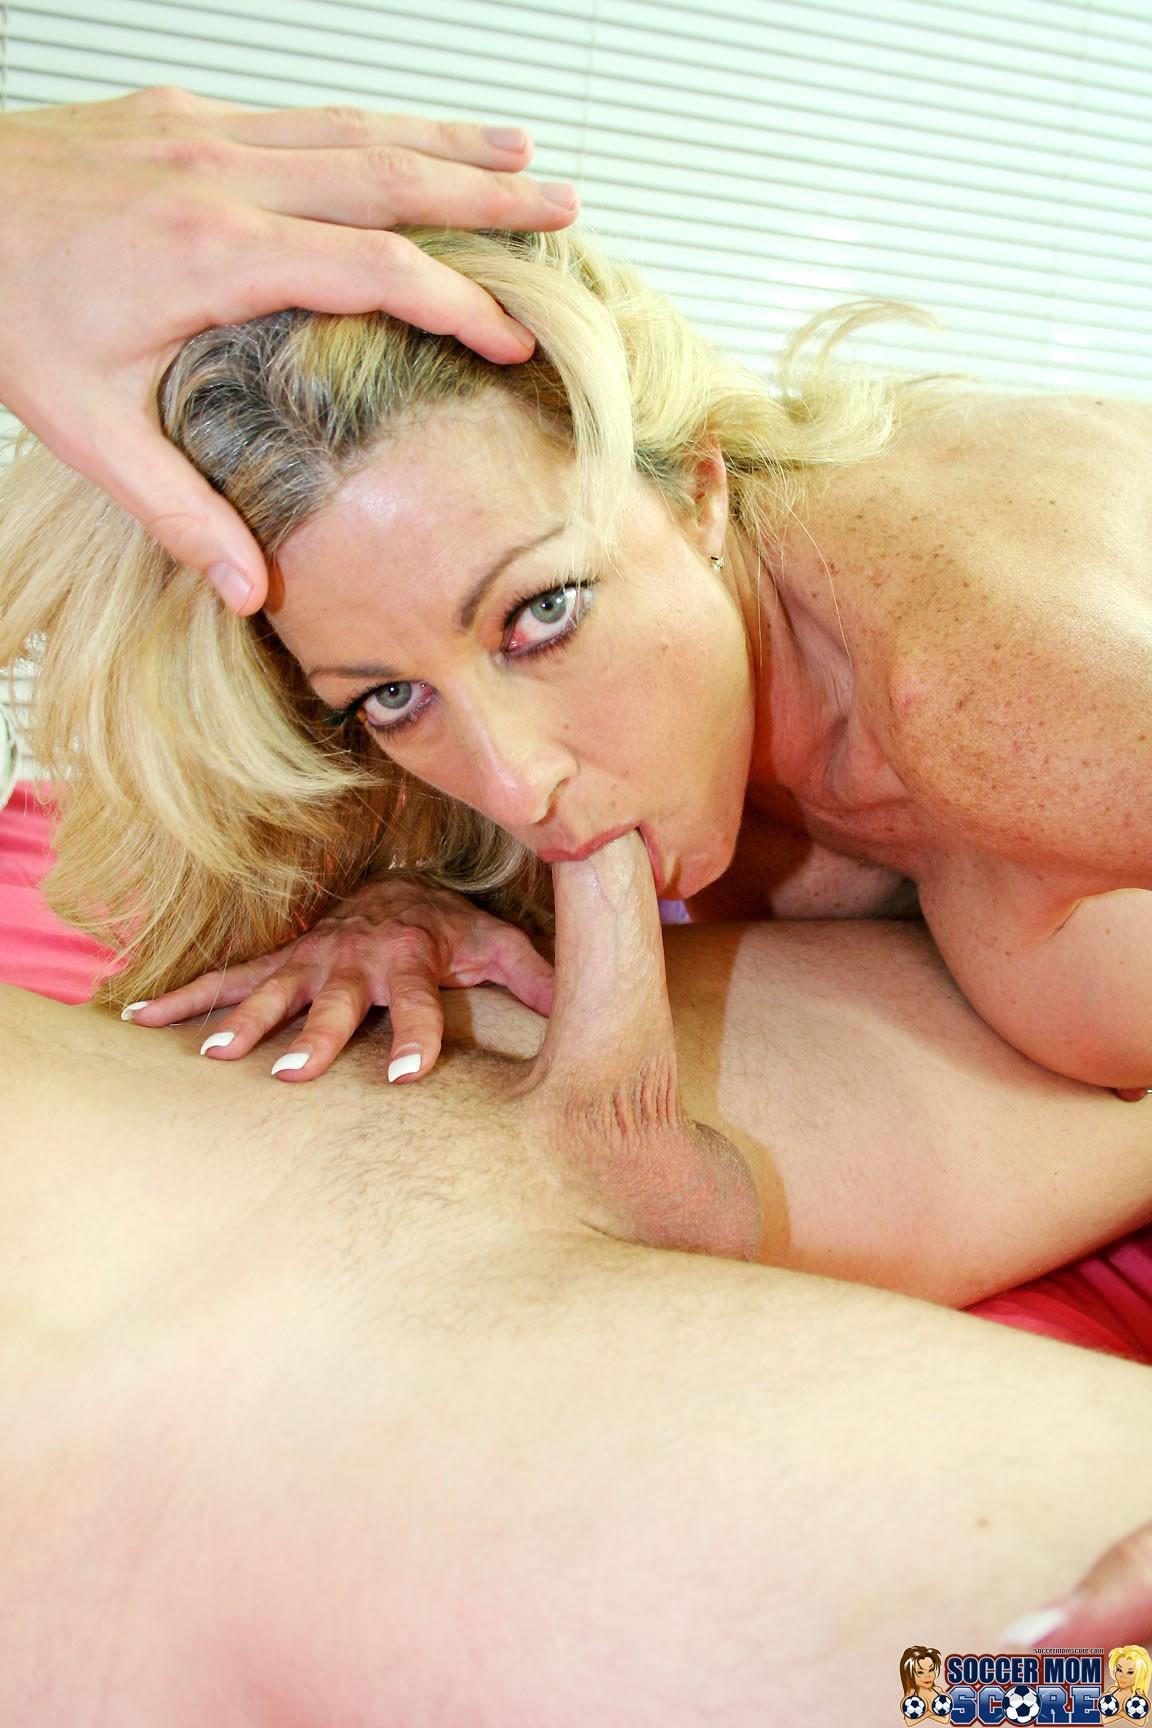 best asian boob – Erotic